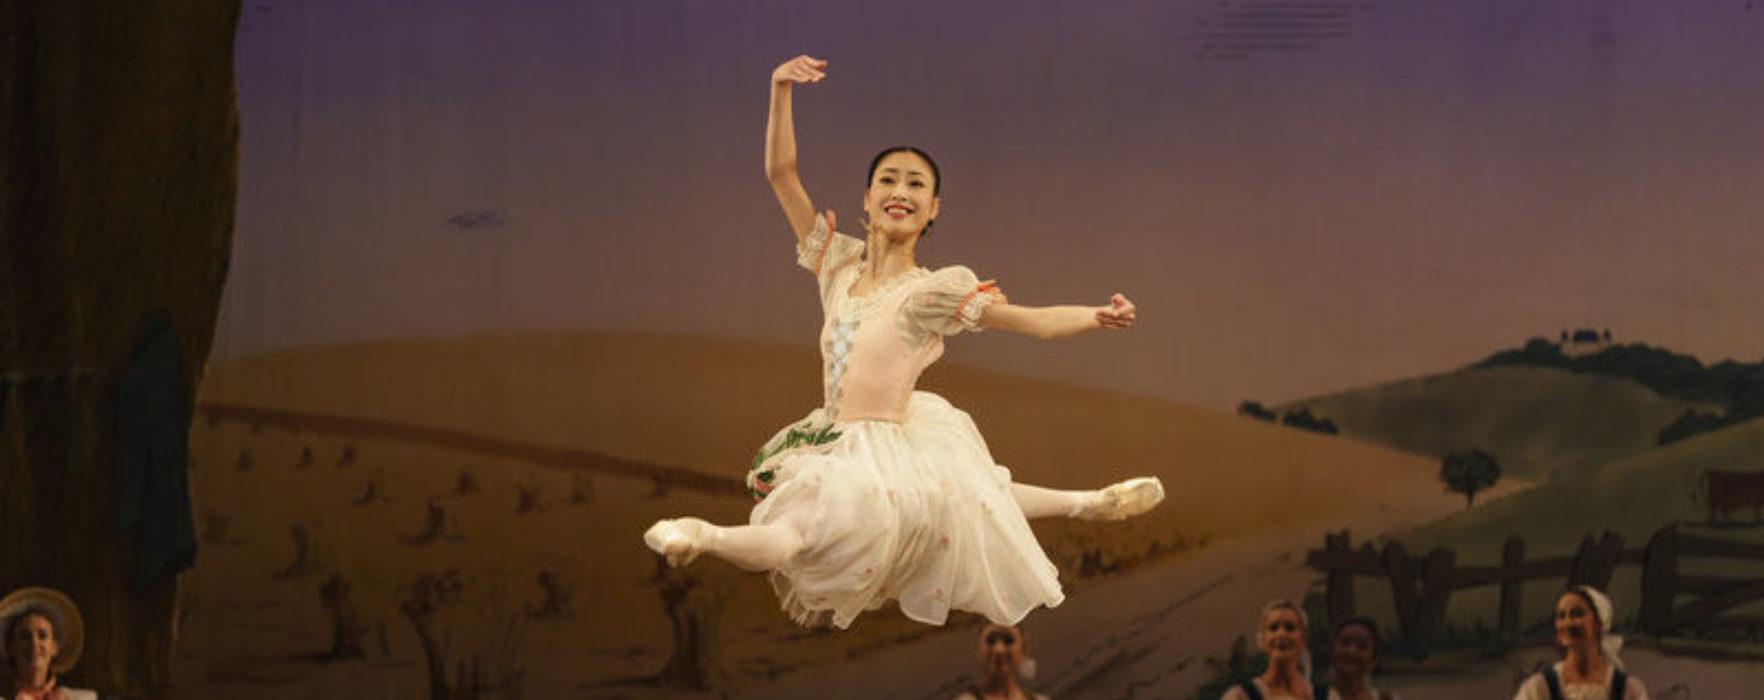 REVIEWED: <i>La Fille Mal Gardée</i> &#8211; Birmingham Royal Ballet